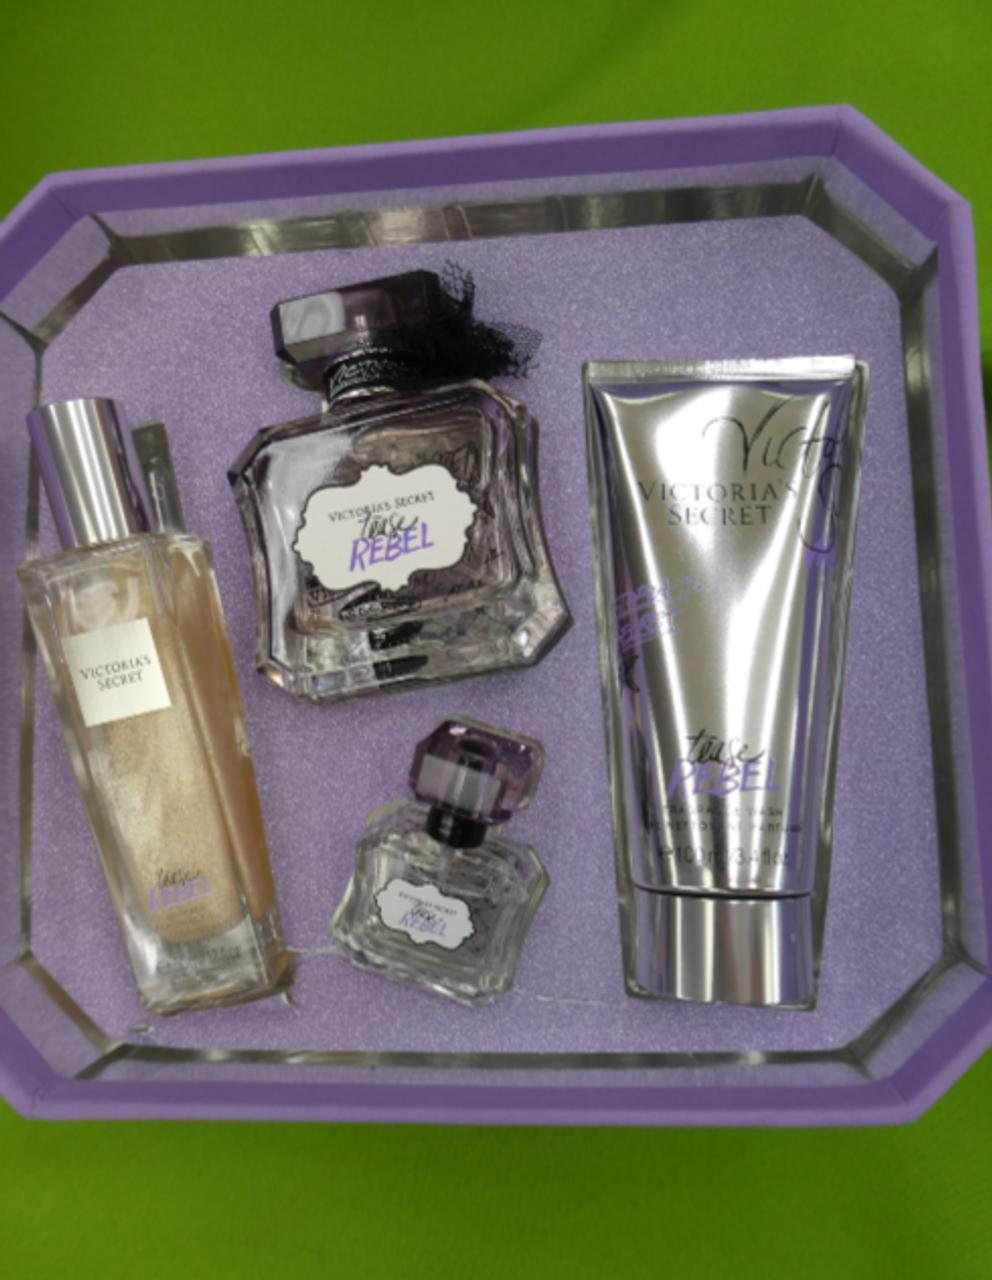 6 SETS! $636 Value! VS Tease REBEL Gift Sets #15563i (z11)